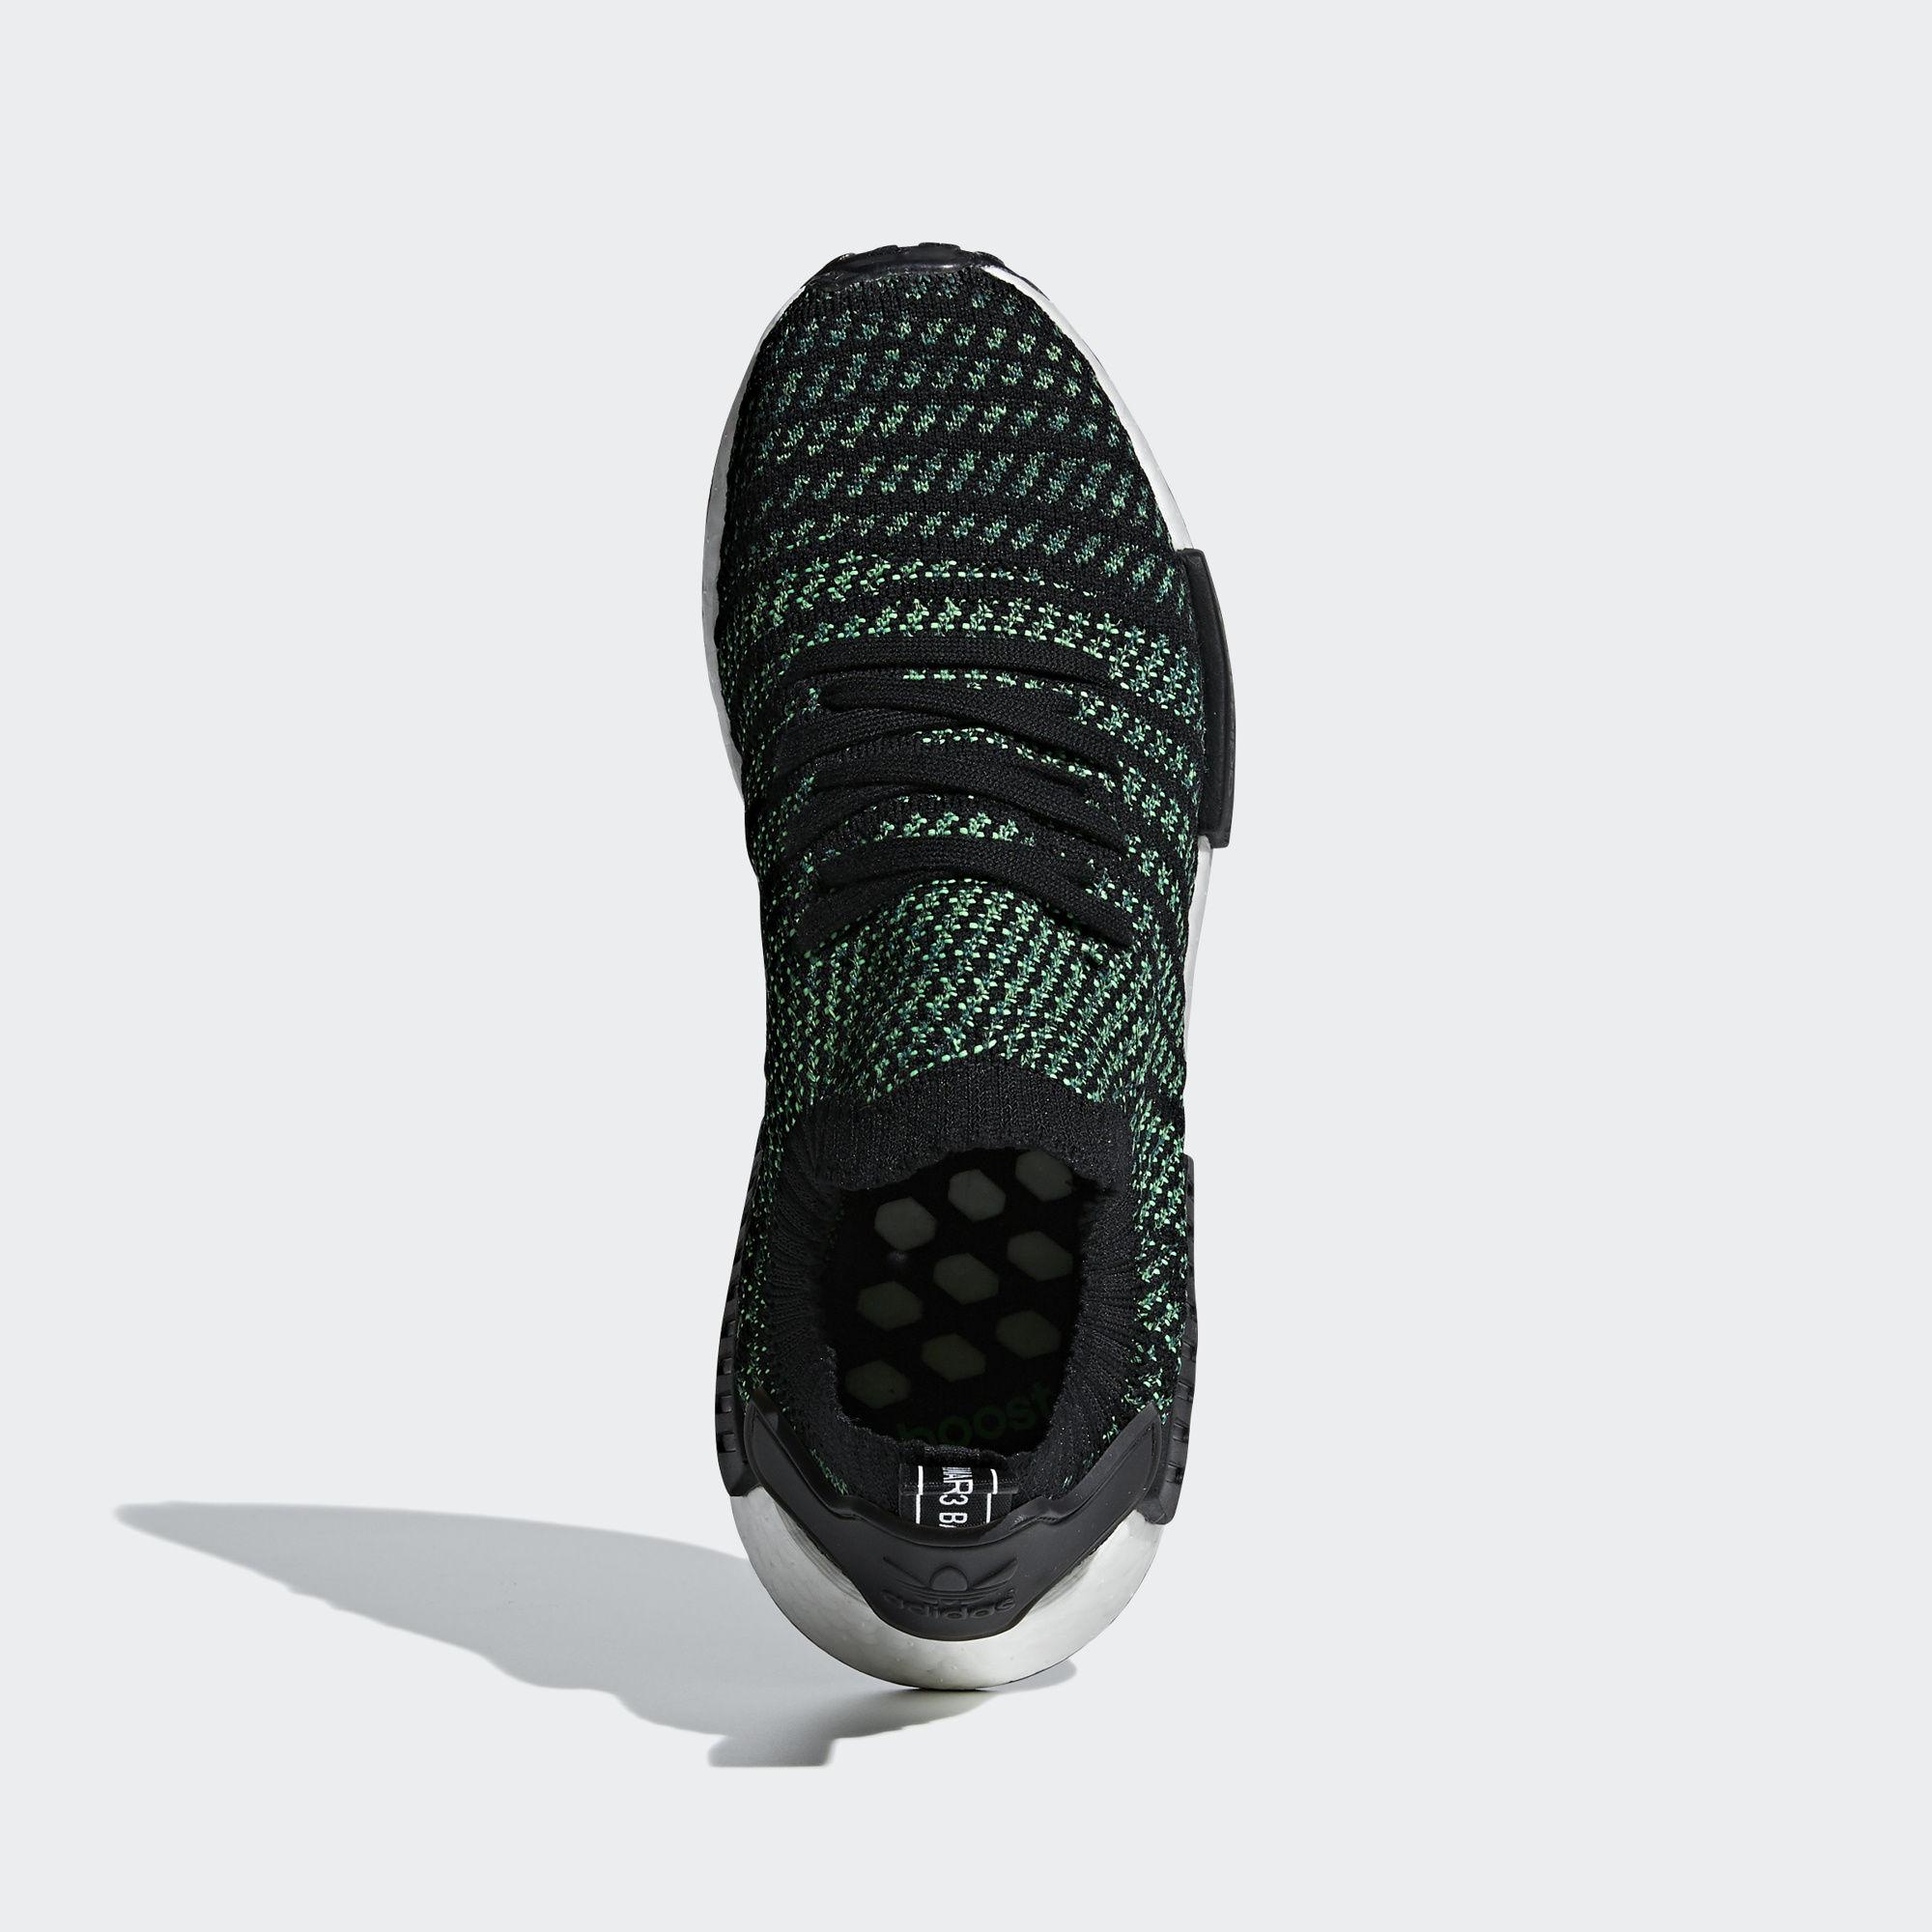 Adidas NMD_R1 STLT AQ0936